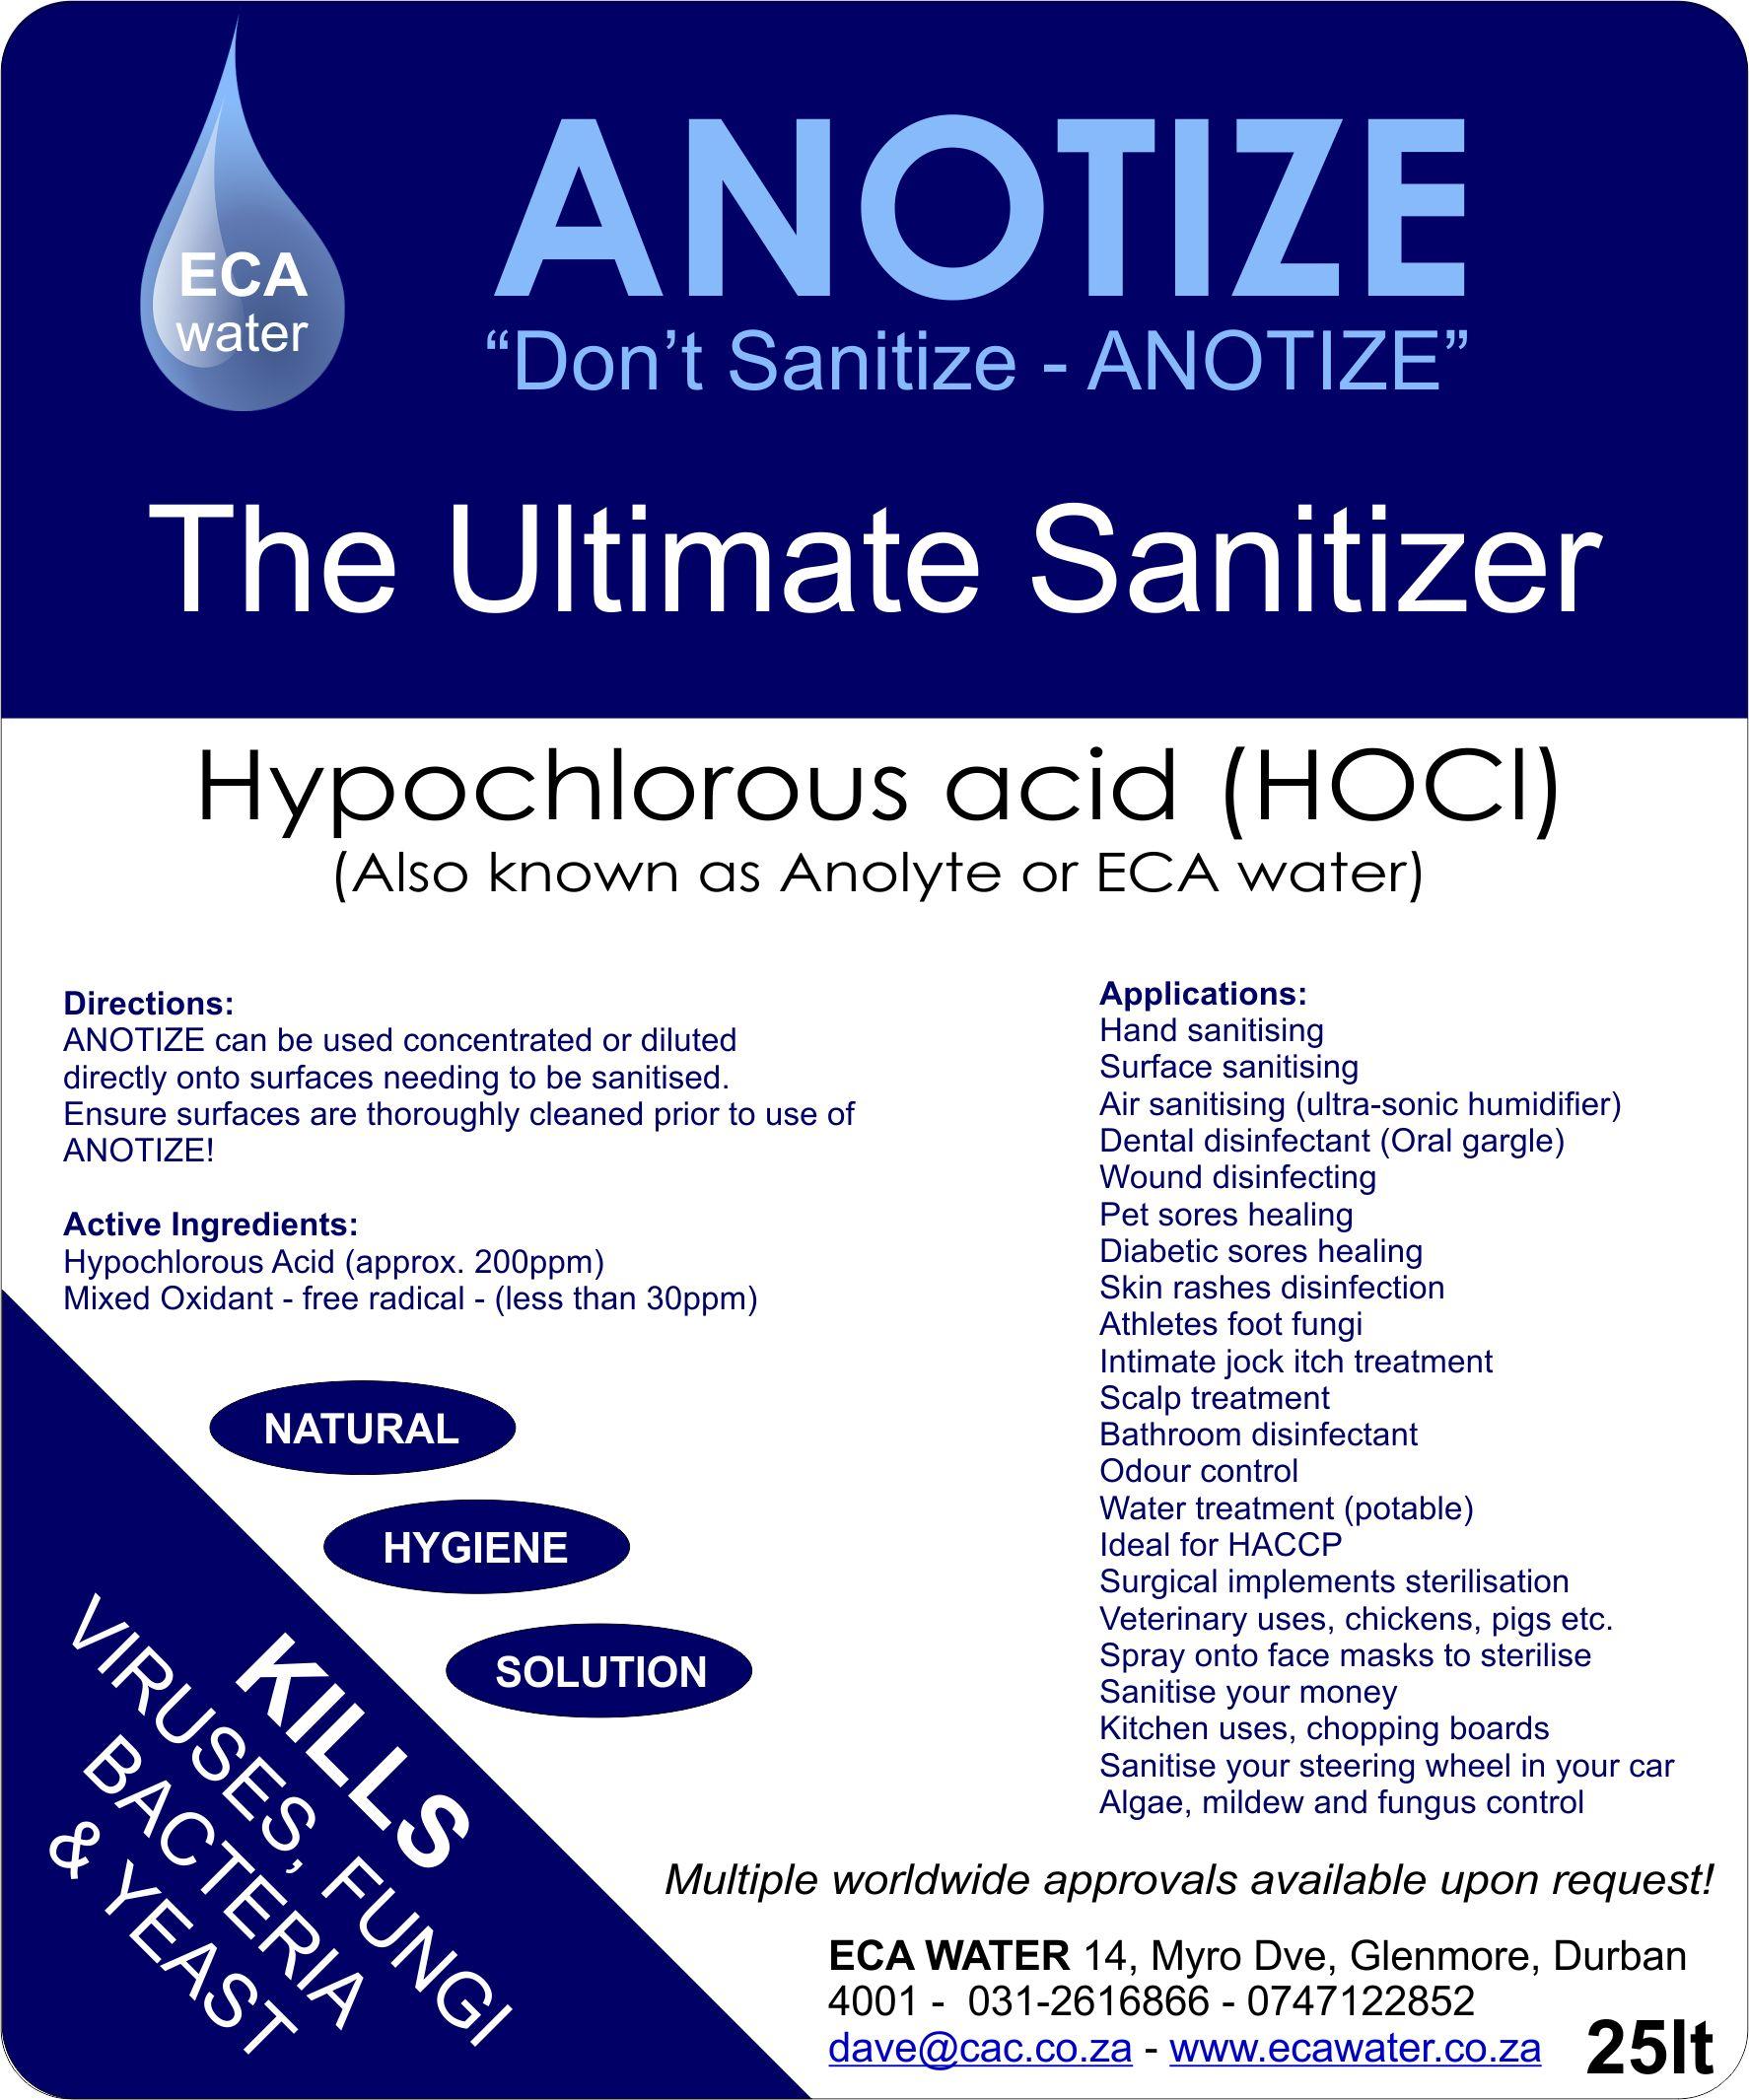 25Lt Sanitiser label